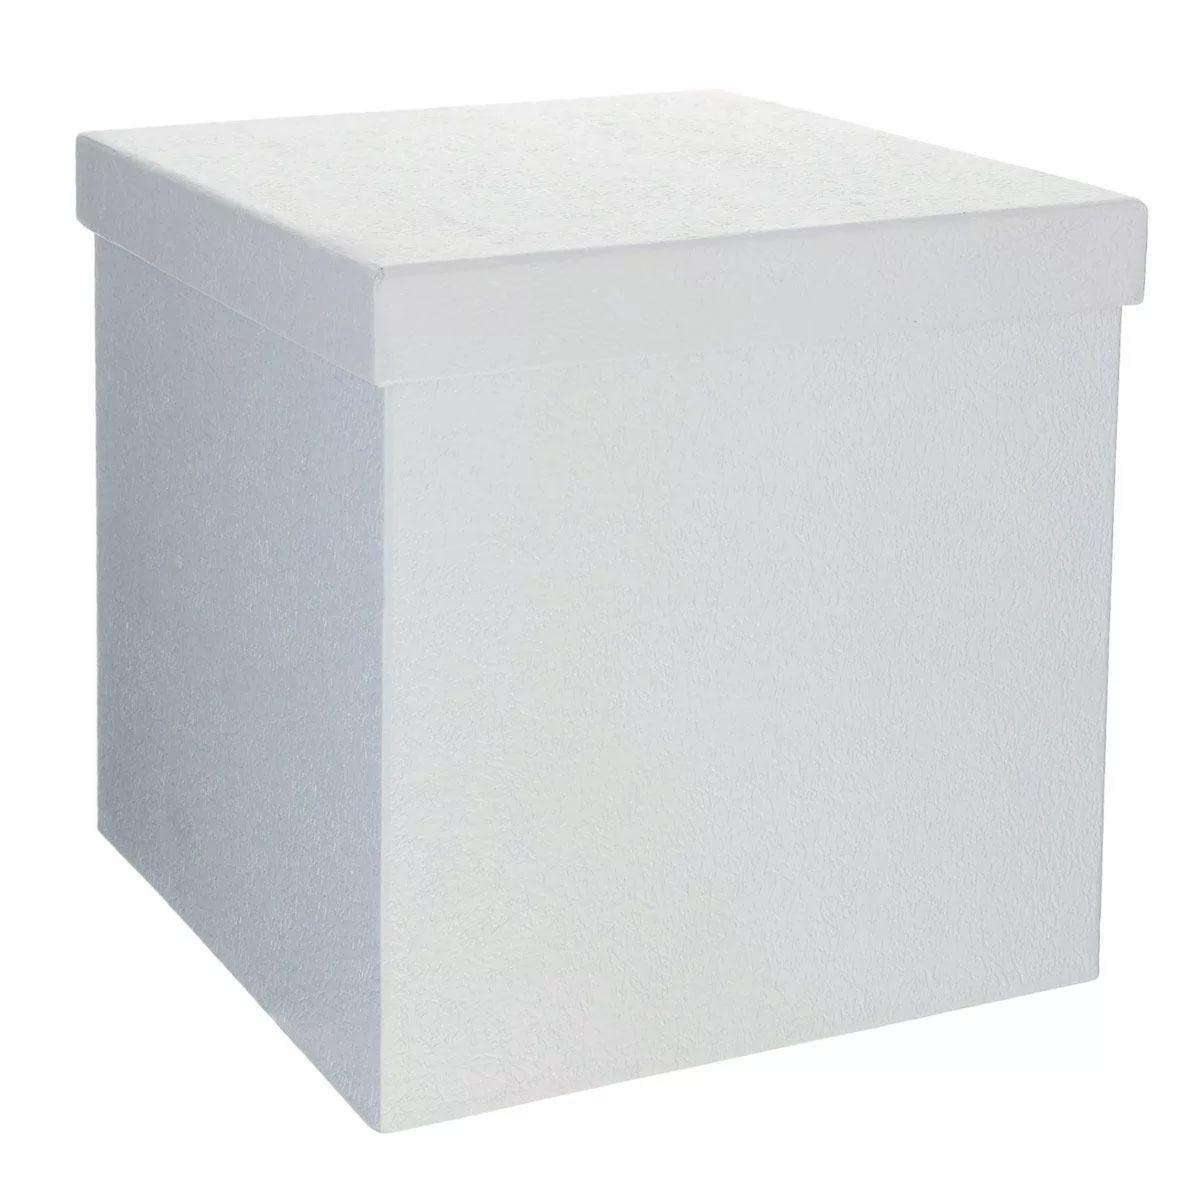 Коробка сюрприз белая с надписью и бантом